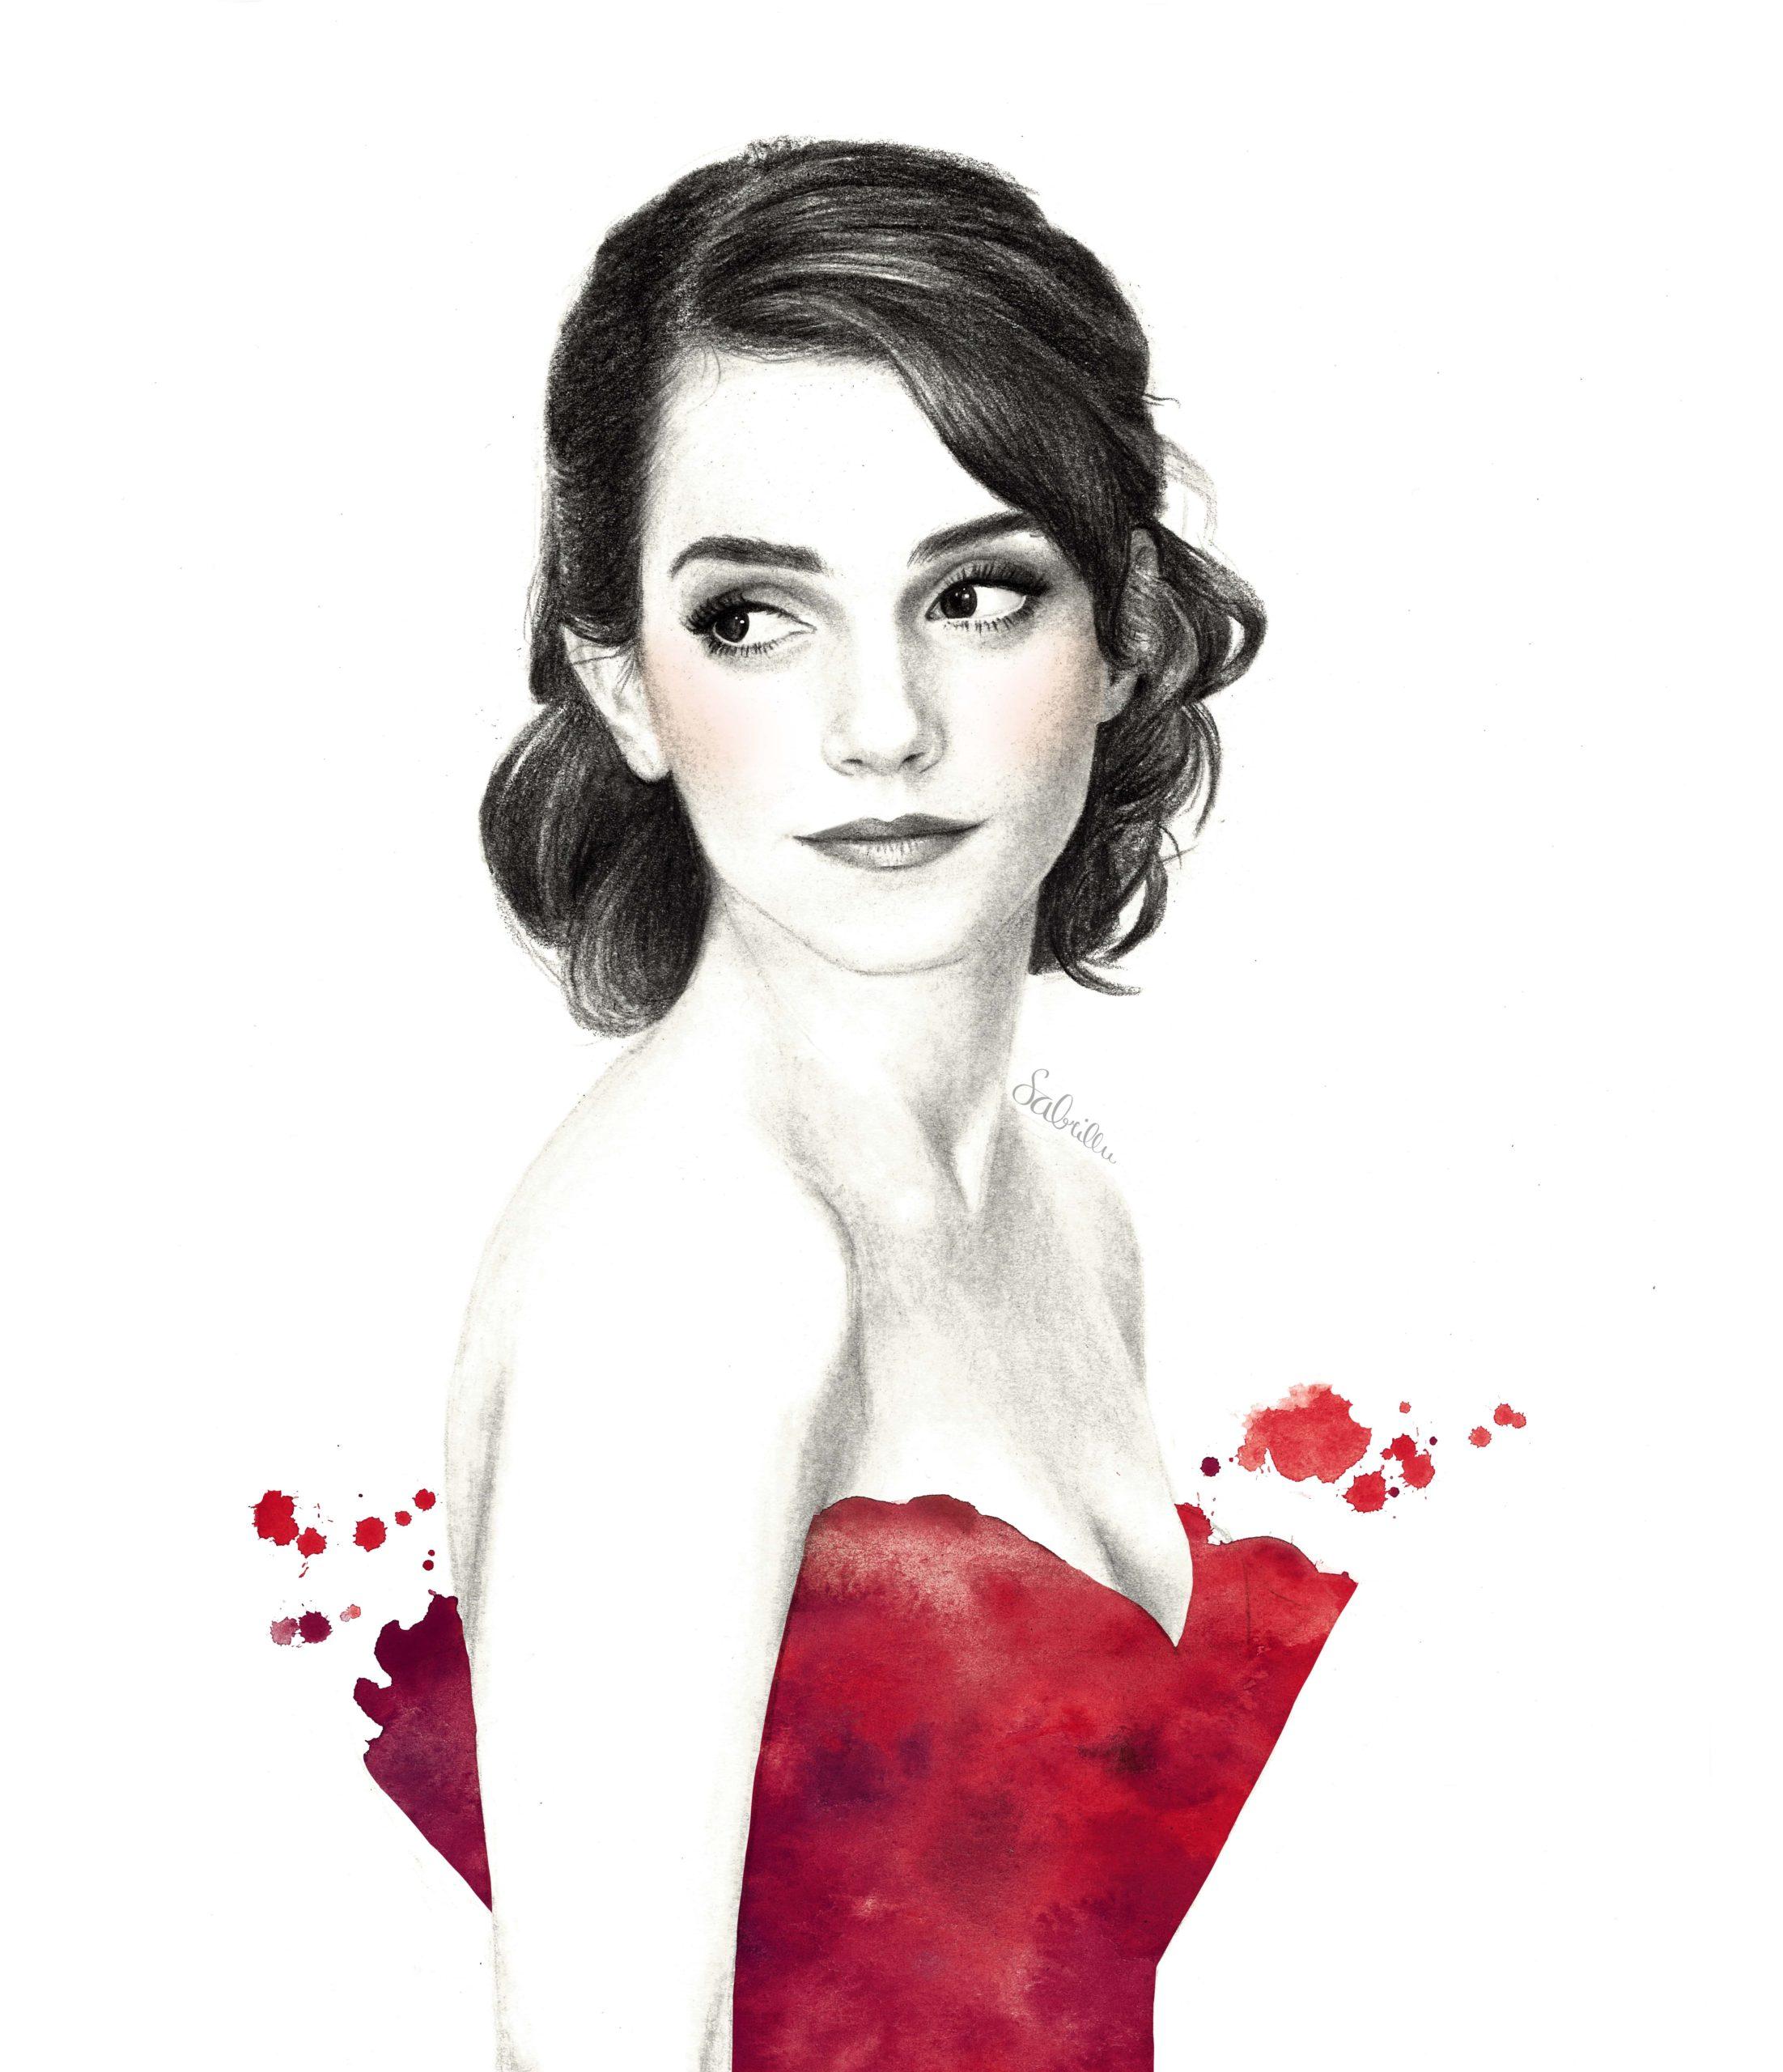 Portrait von Emma Watson, Bleistift und Aquarell